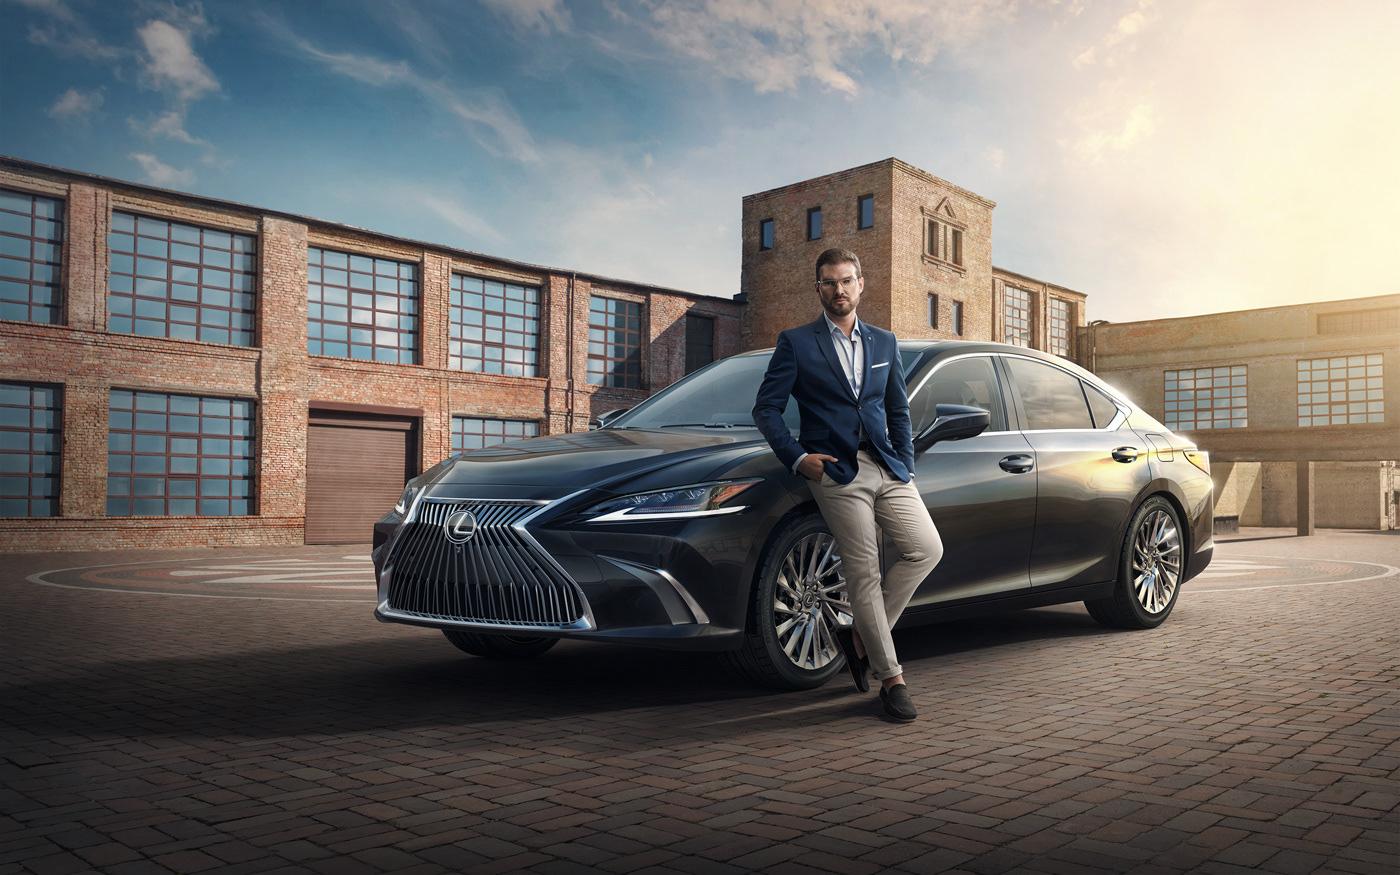 Реклама автомобилей картинки новые